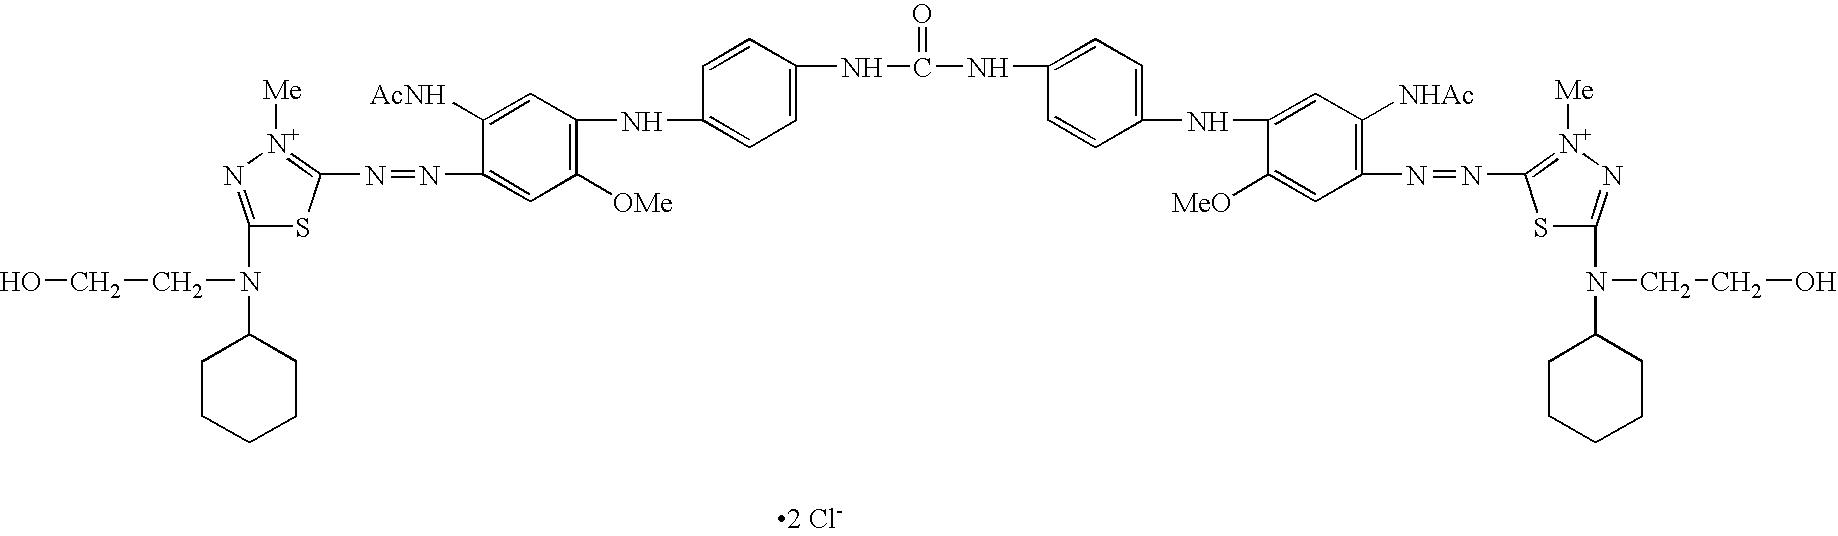 Figure US07497878-20090303-C00025